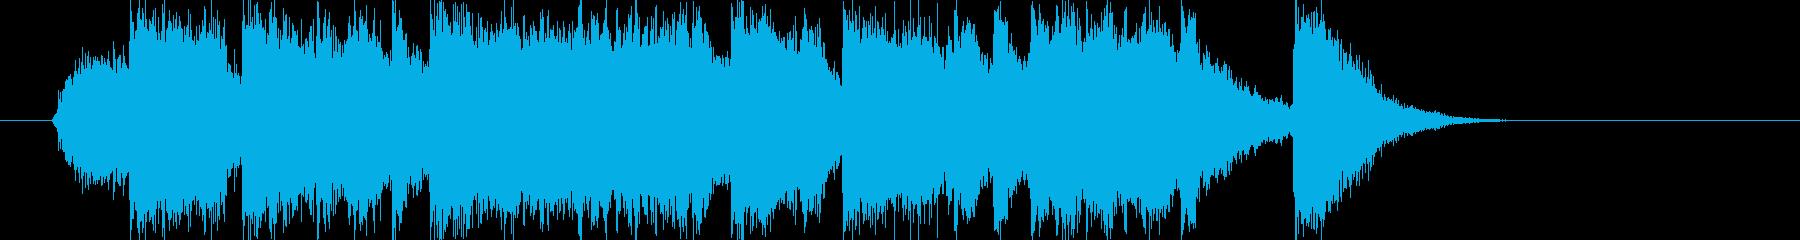 ミディアムテンポのイントロの再生済みの波形